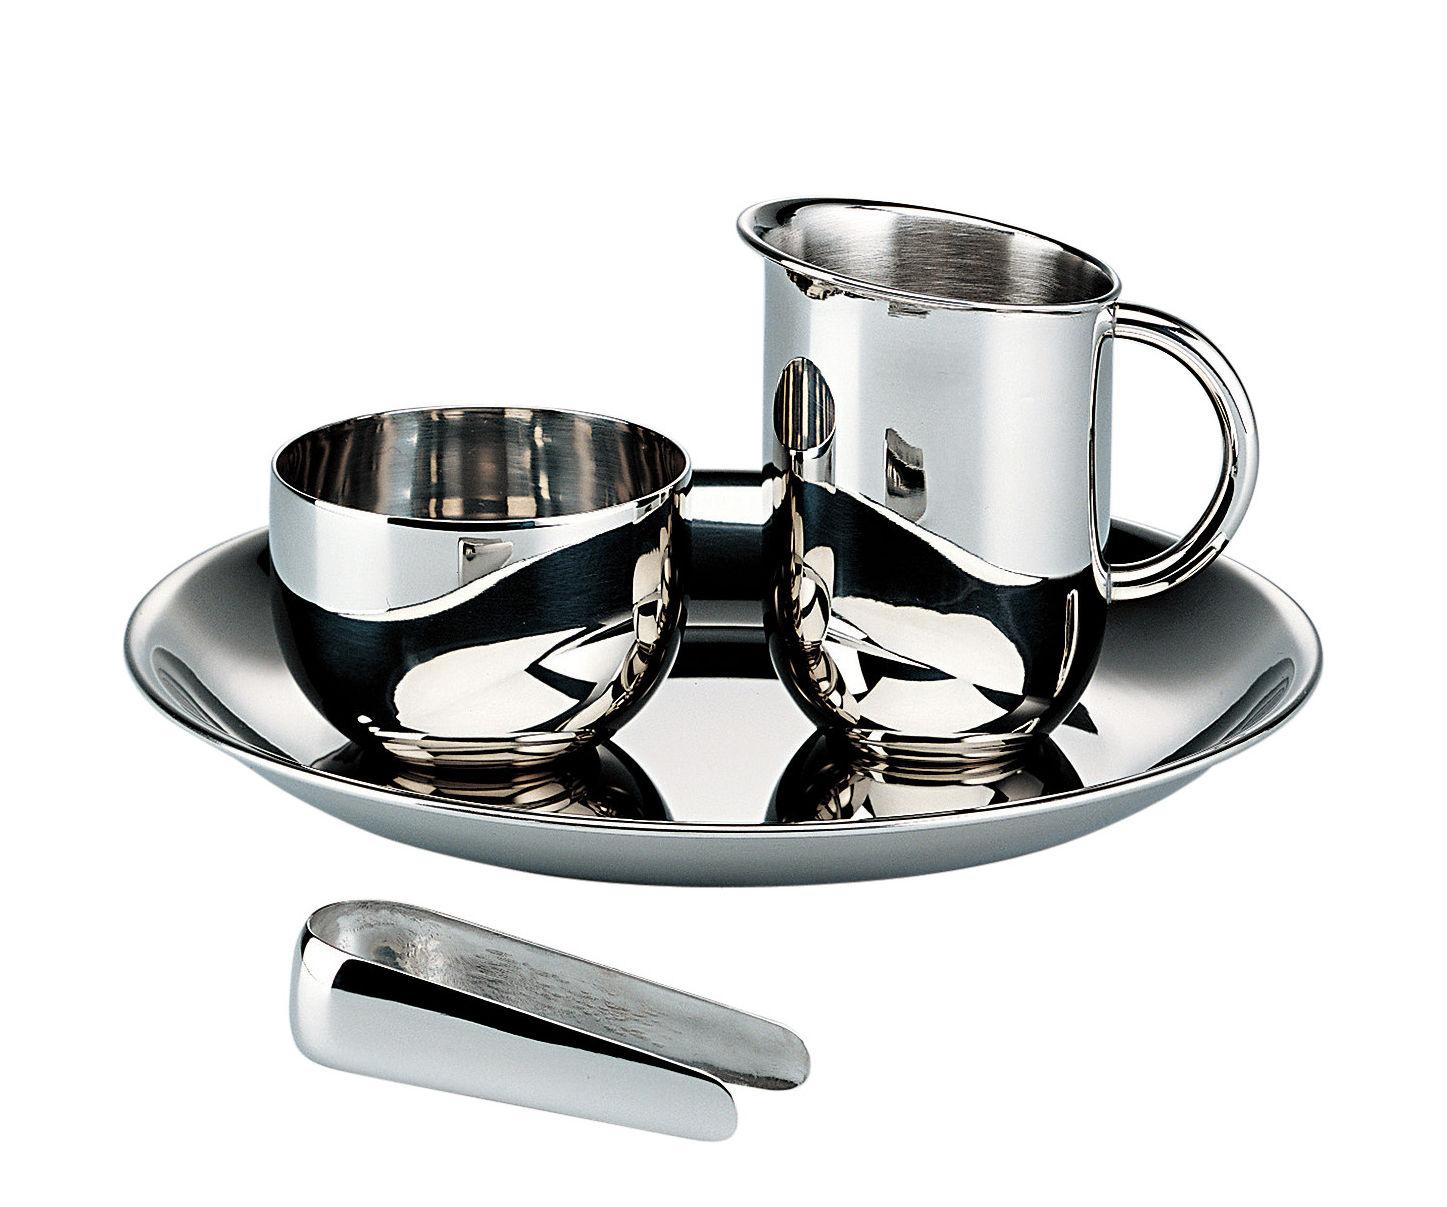 Arts de la table - Thé et café - Set à café 100 ans Bauhaus / (1928) - Crémier + sucrier avec pince + plateau - Alessi - Acier - Acier inoxydable brillant